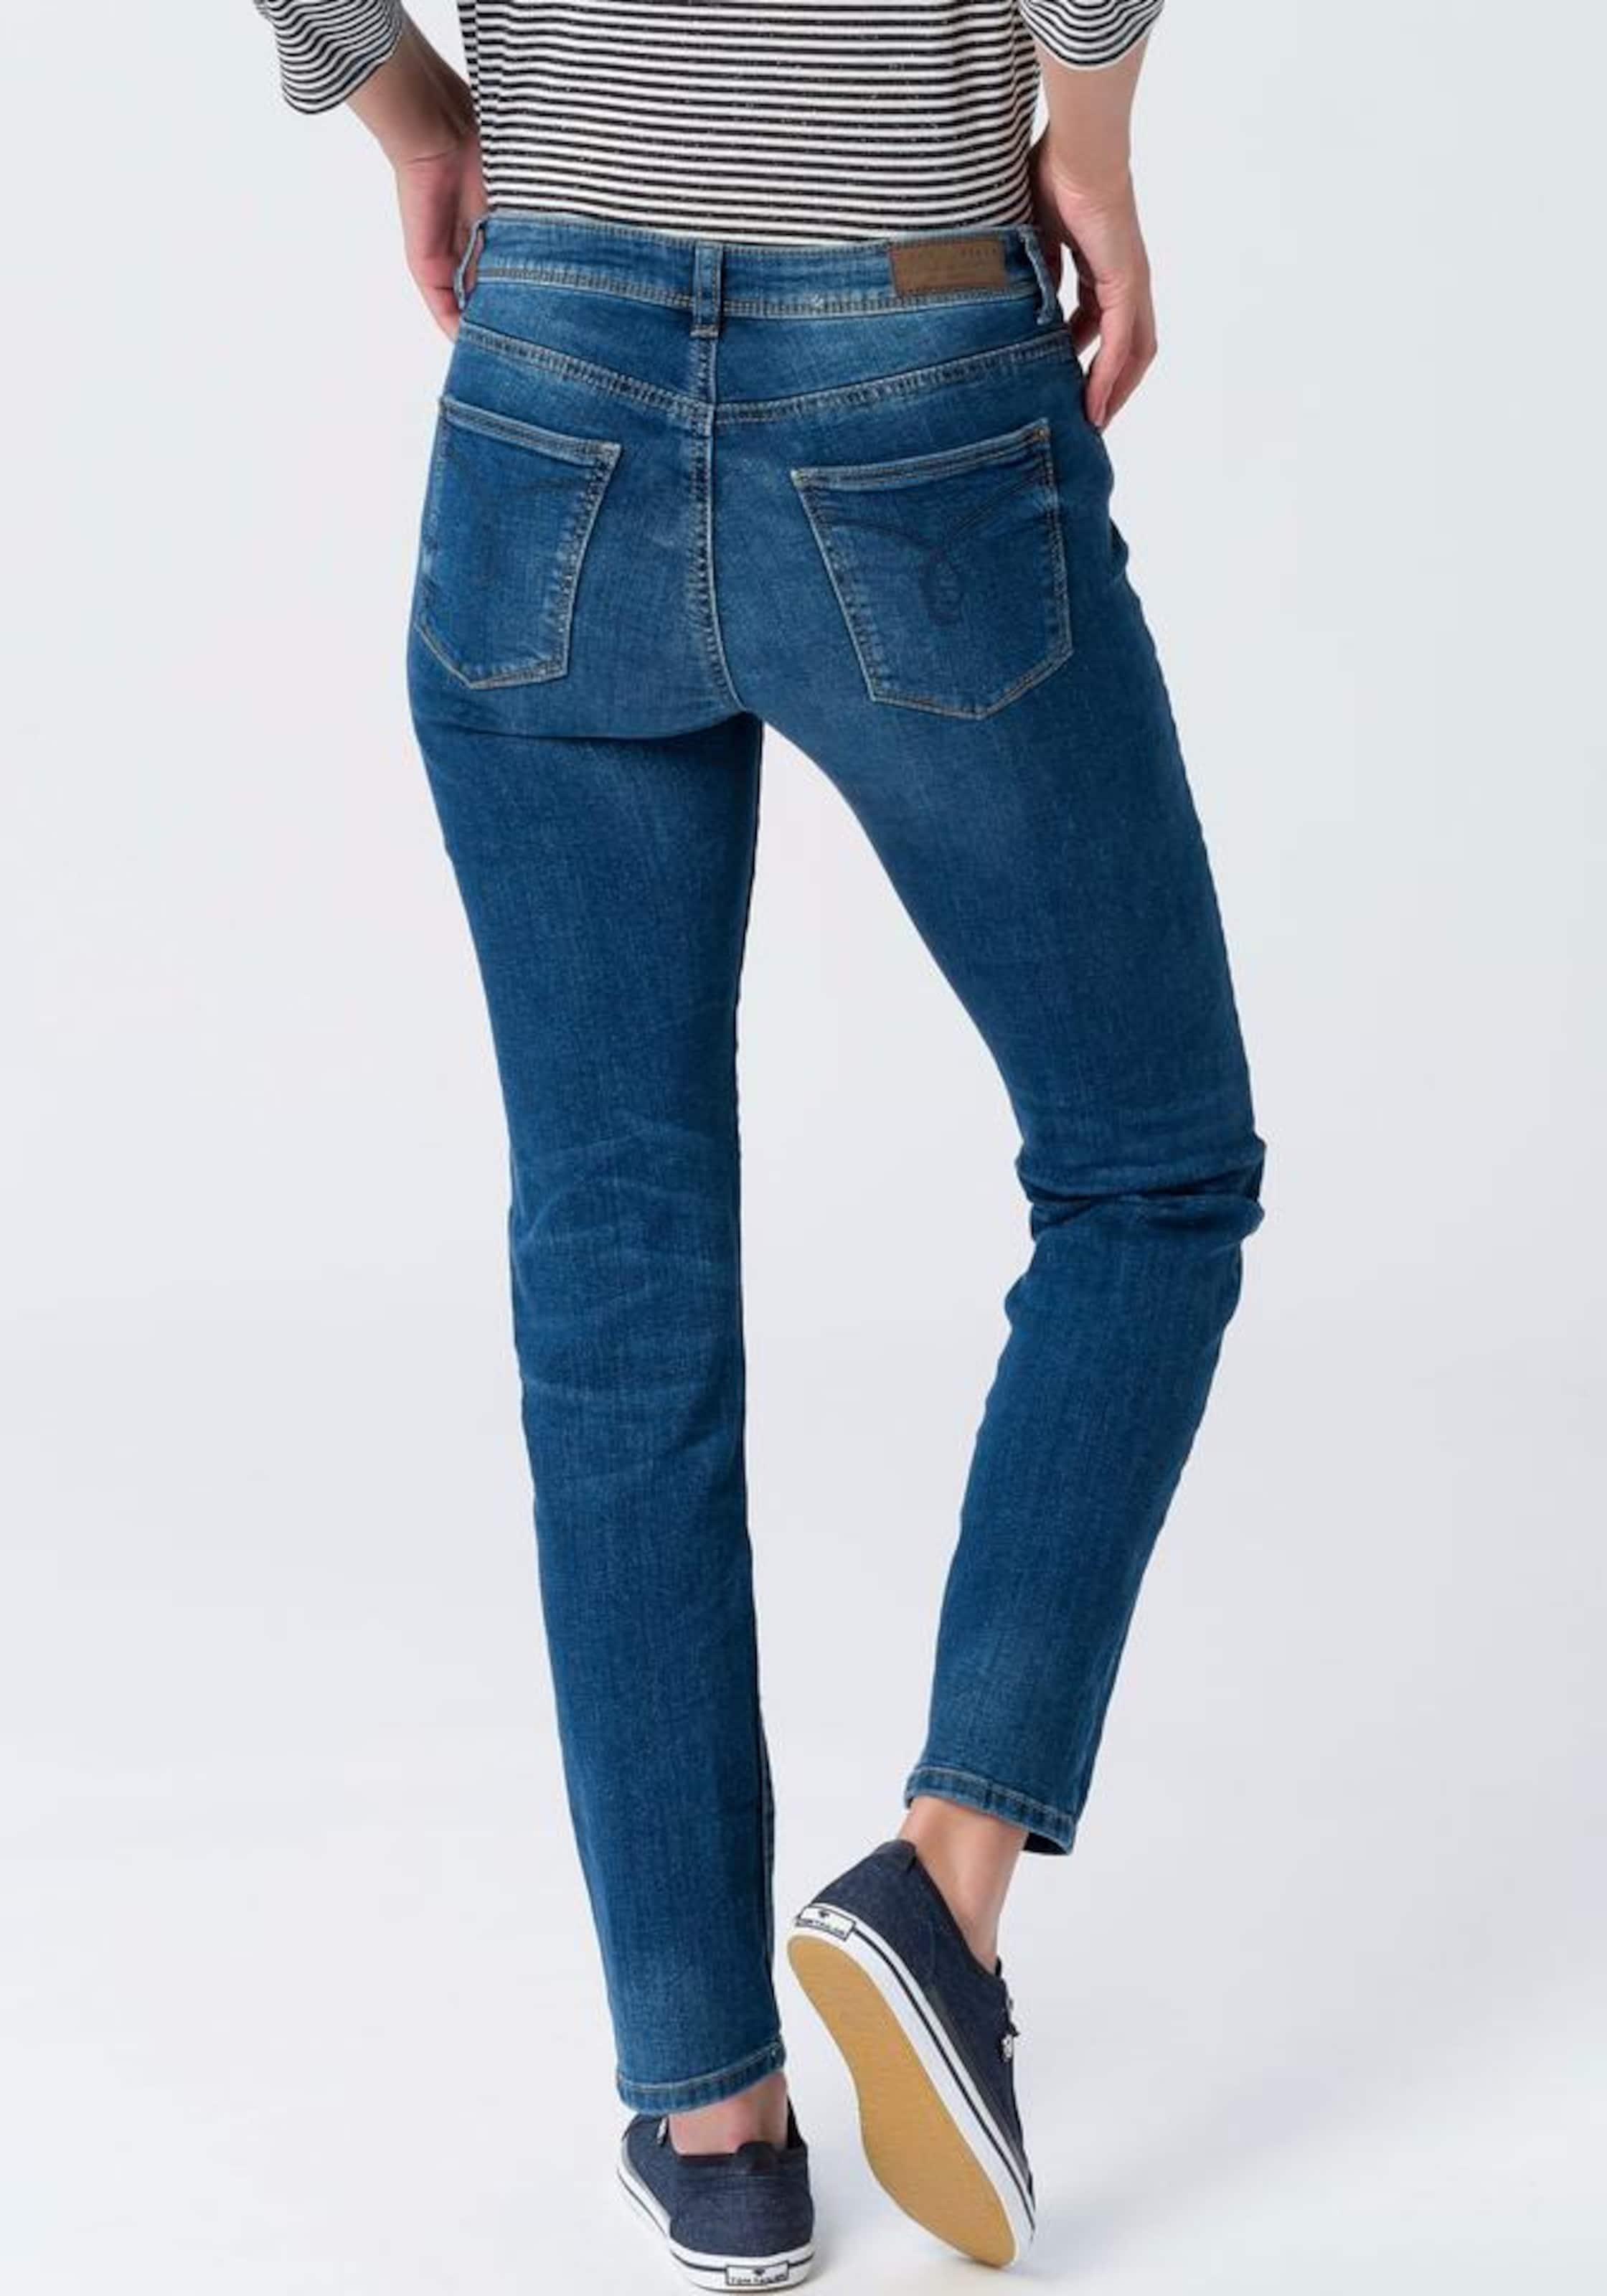 Günstig Kaufen ESPRIT Straight-Jeans Kaufen Sie Günstig Online Preis Outlet Kaufen As4El